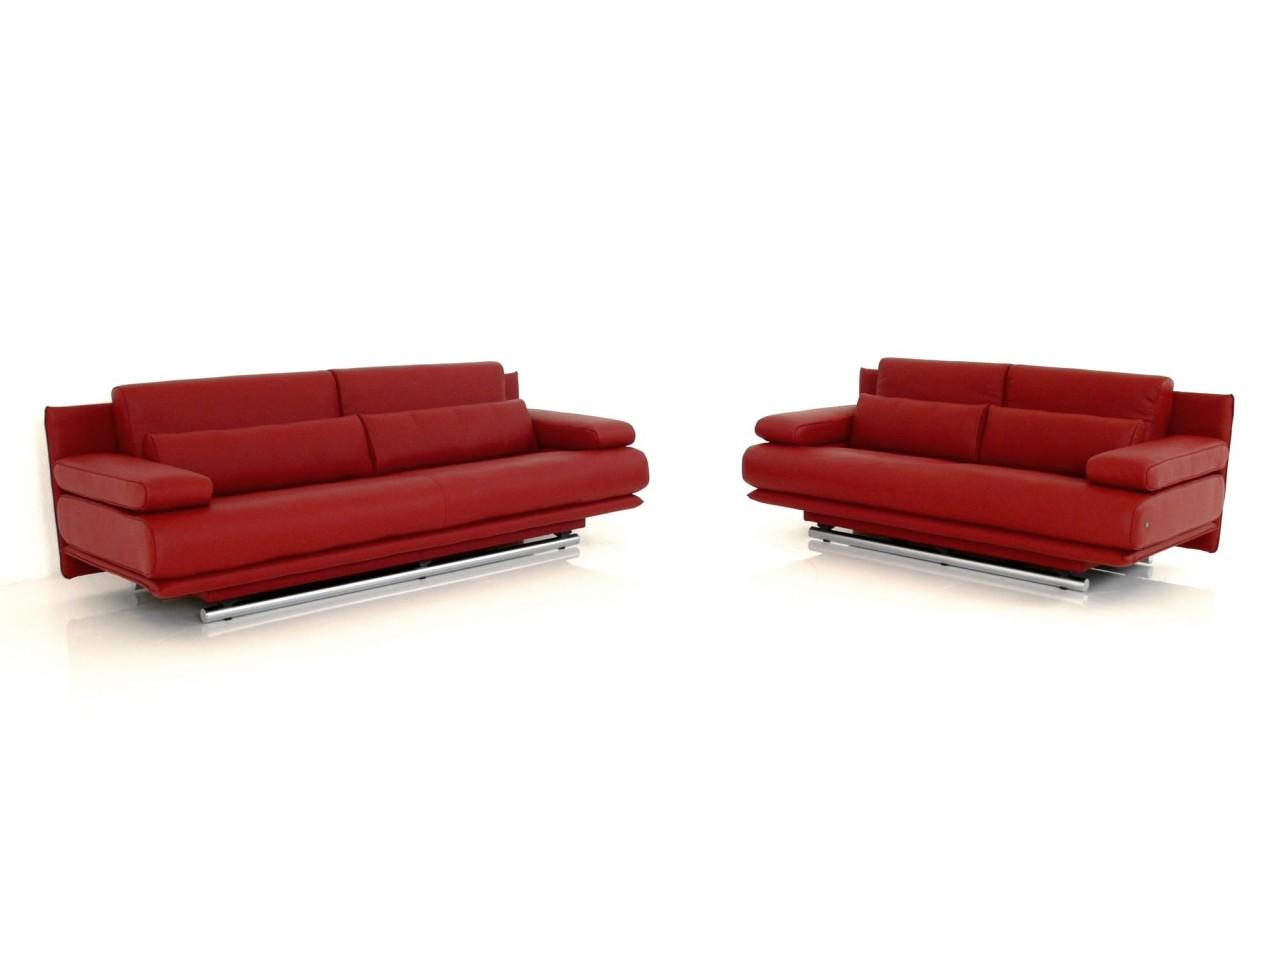 rolf benz 620 stunning rolf benz bank with rolf benz 620 elegant millibar u barstool h with. Black Bedroom Furniture Sets. Home Design Ideas